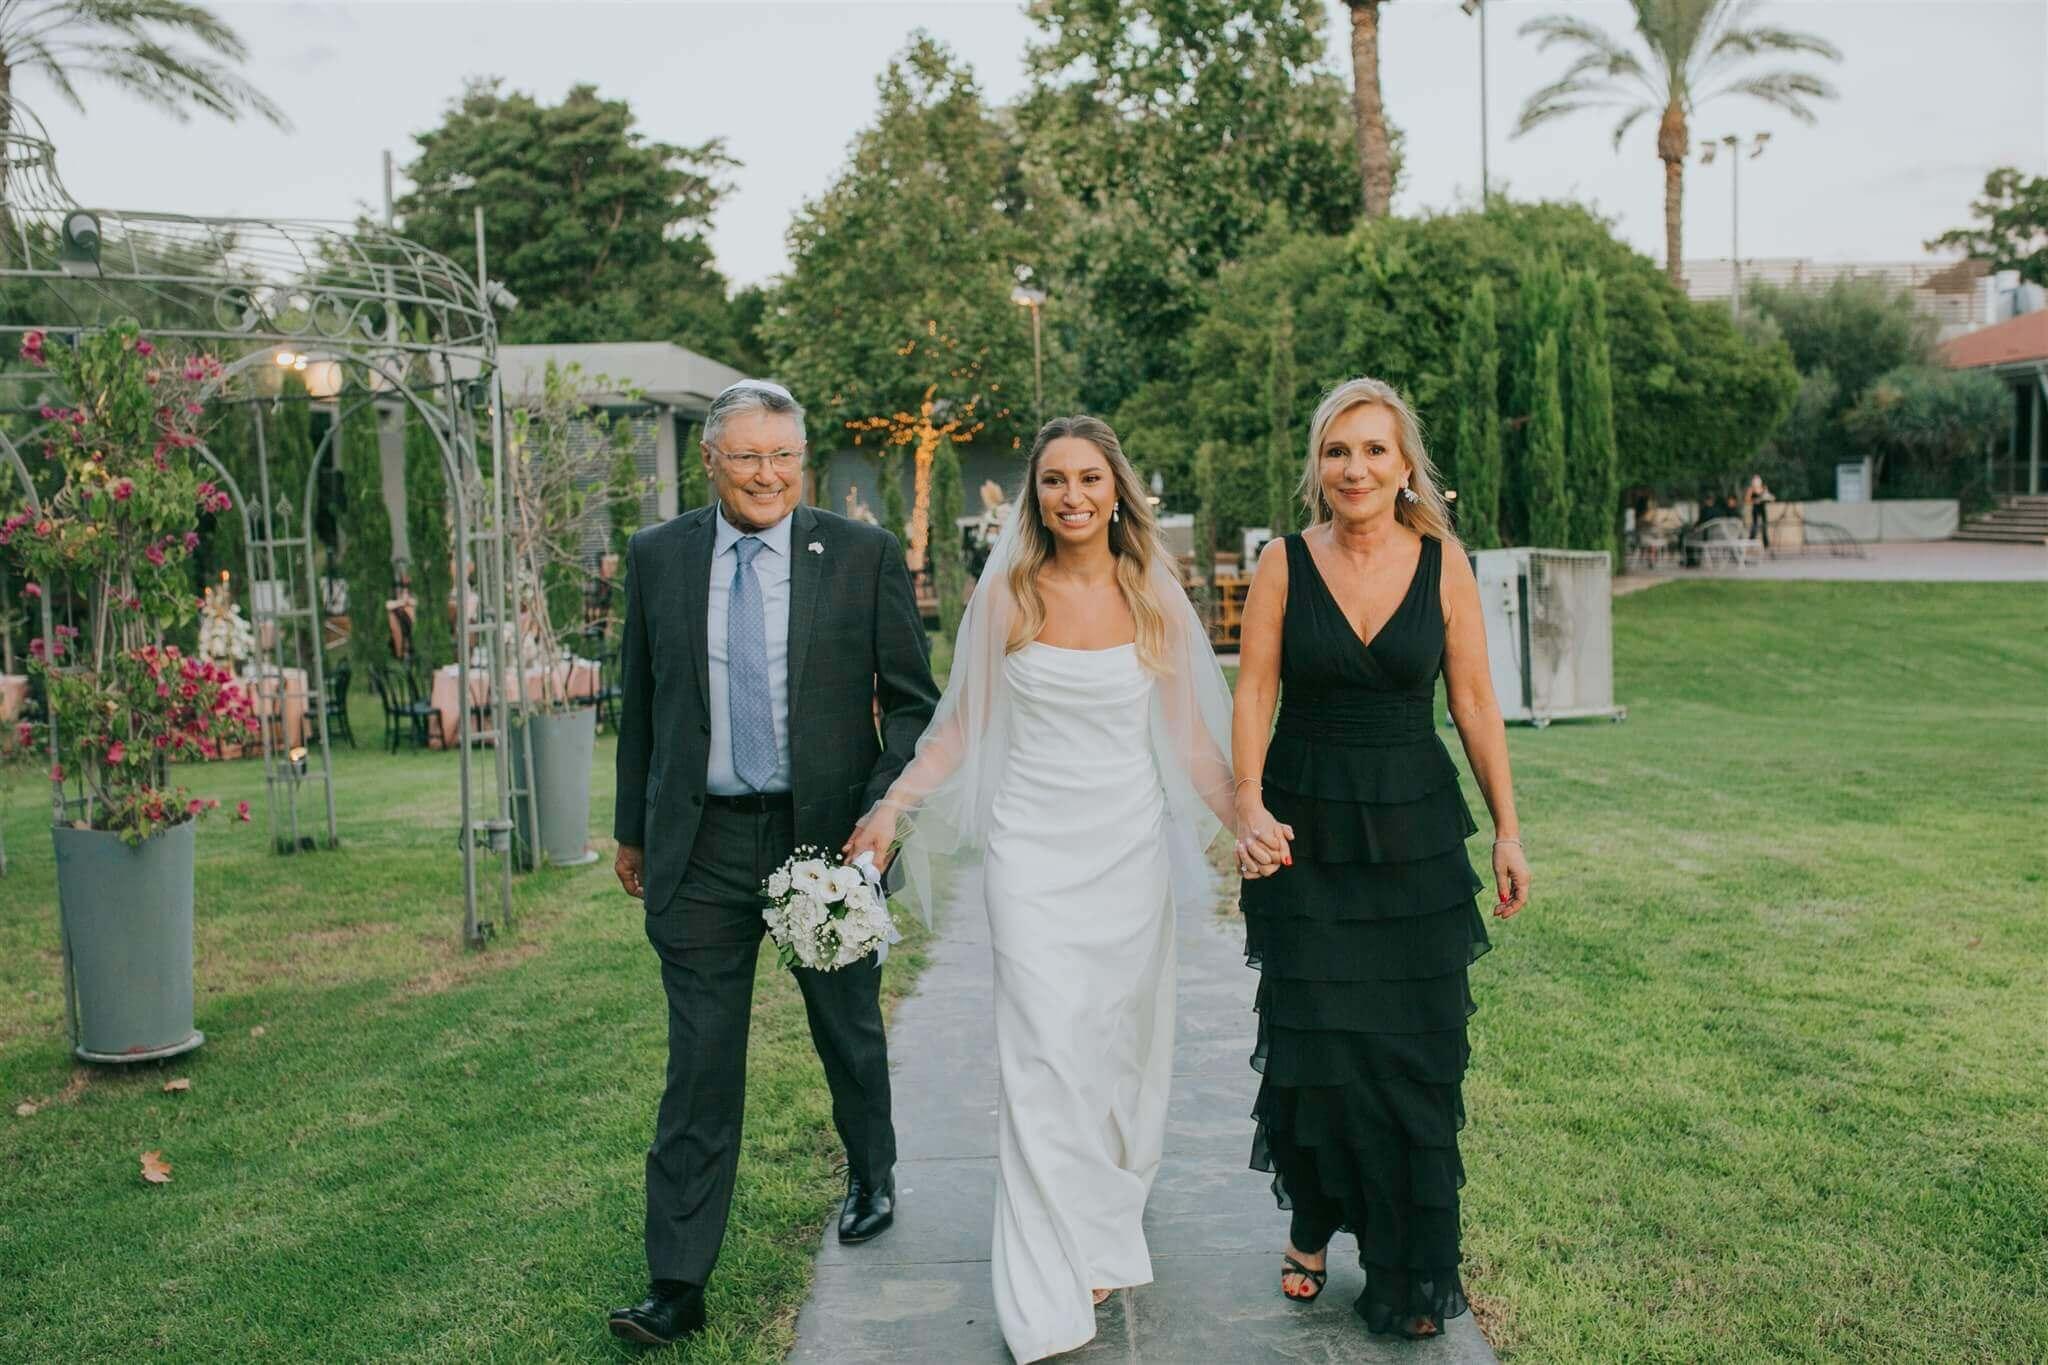 חתונה מצומצמת ומרגשת: האירוע של דורין ורן